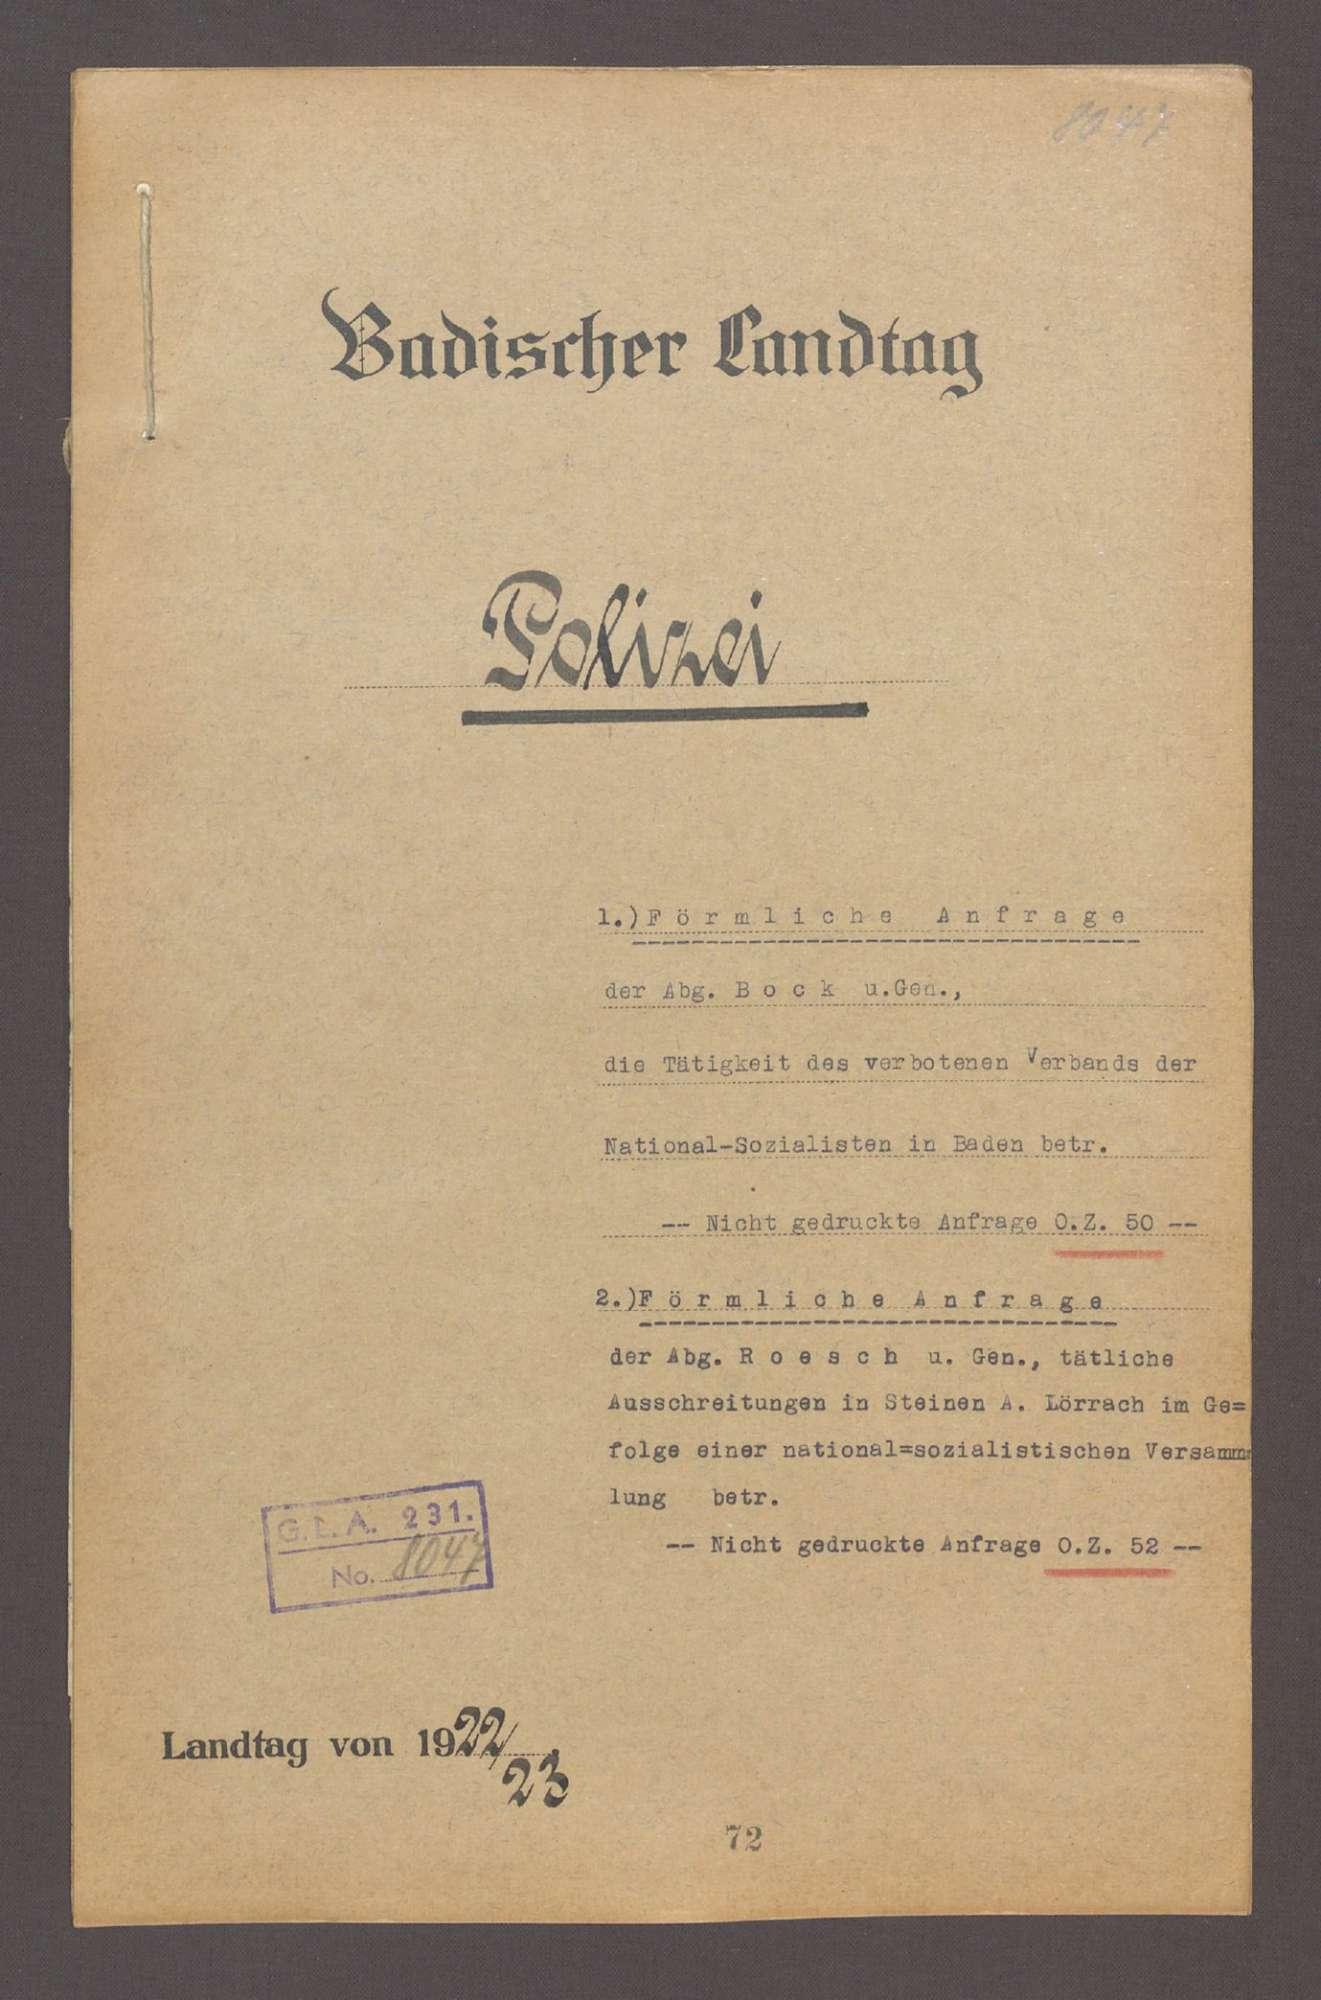 Förmliche Anfrage: 1. der Abg. Bock und Gen., die Tätigkeit des verbotenen Verbandes der Nationalsozialisten in Baden-Baden --Nicht gedr. Anfrage O.Z. 50- 2. der Abg. Roesch und Gen., tätliche Ausschreitungen in Steinen, Amt Lörrach, im Gefolge einer nationalsozialistischen Versammlung betr. --Nicht gedr. Anfr. O.Z. 52--, Bild 1